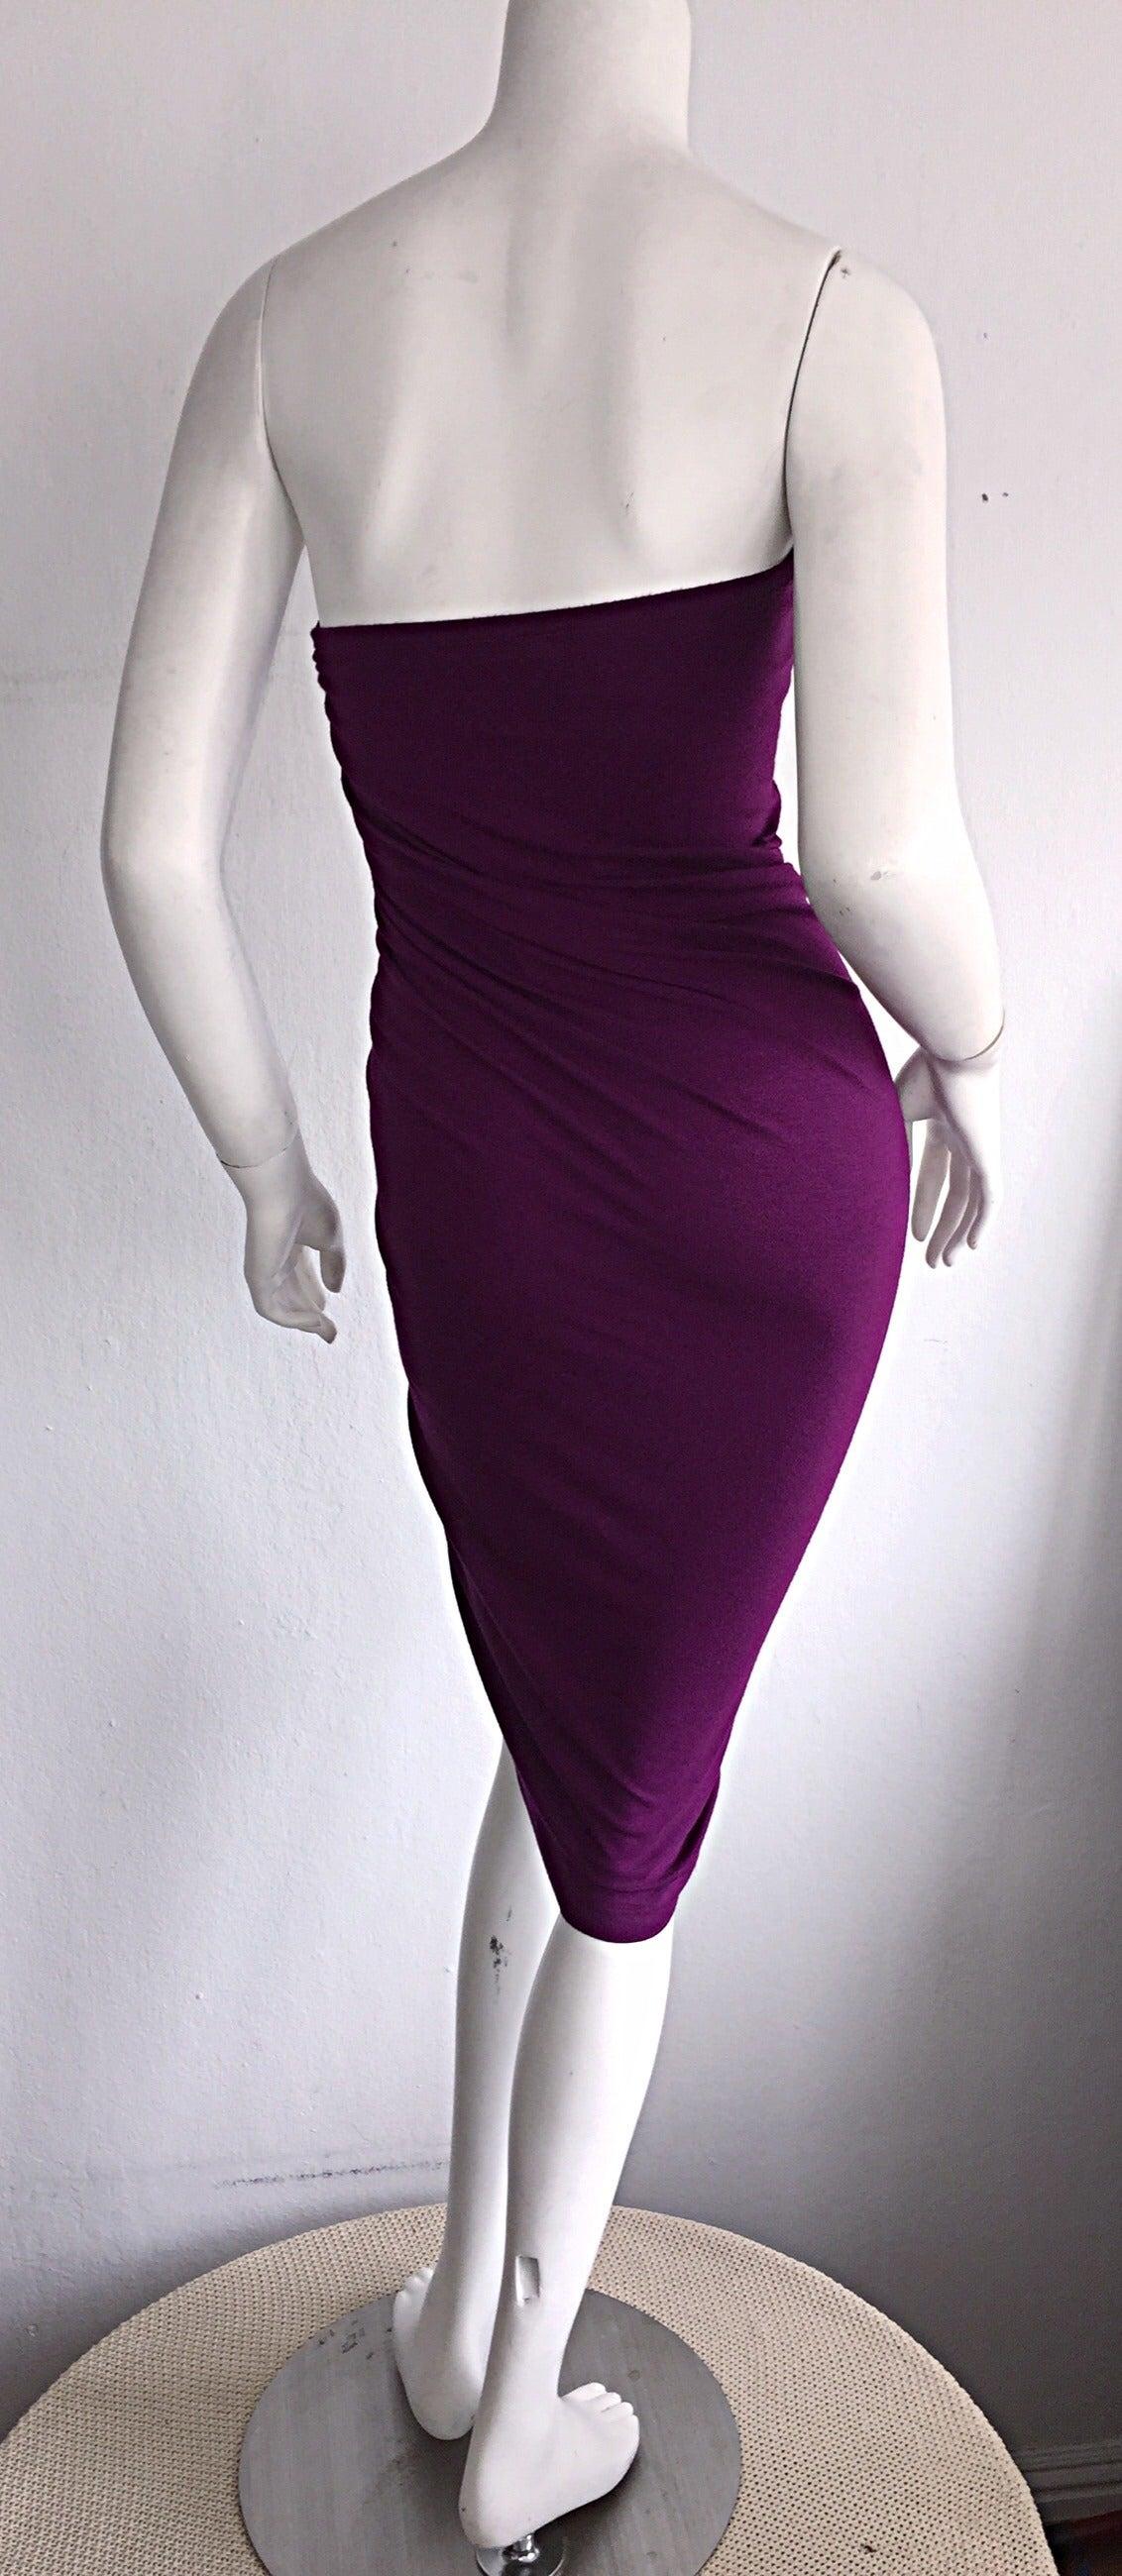 Brand New Donna Karan ' Black Label ' Fall 2010 Purple Ruched Runway Dress 8